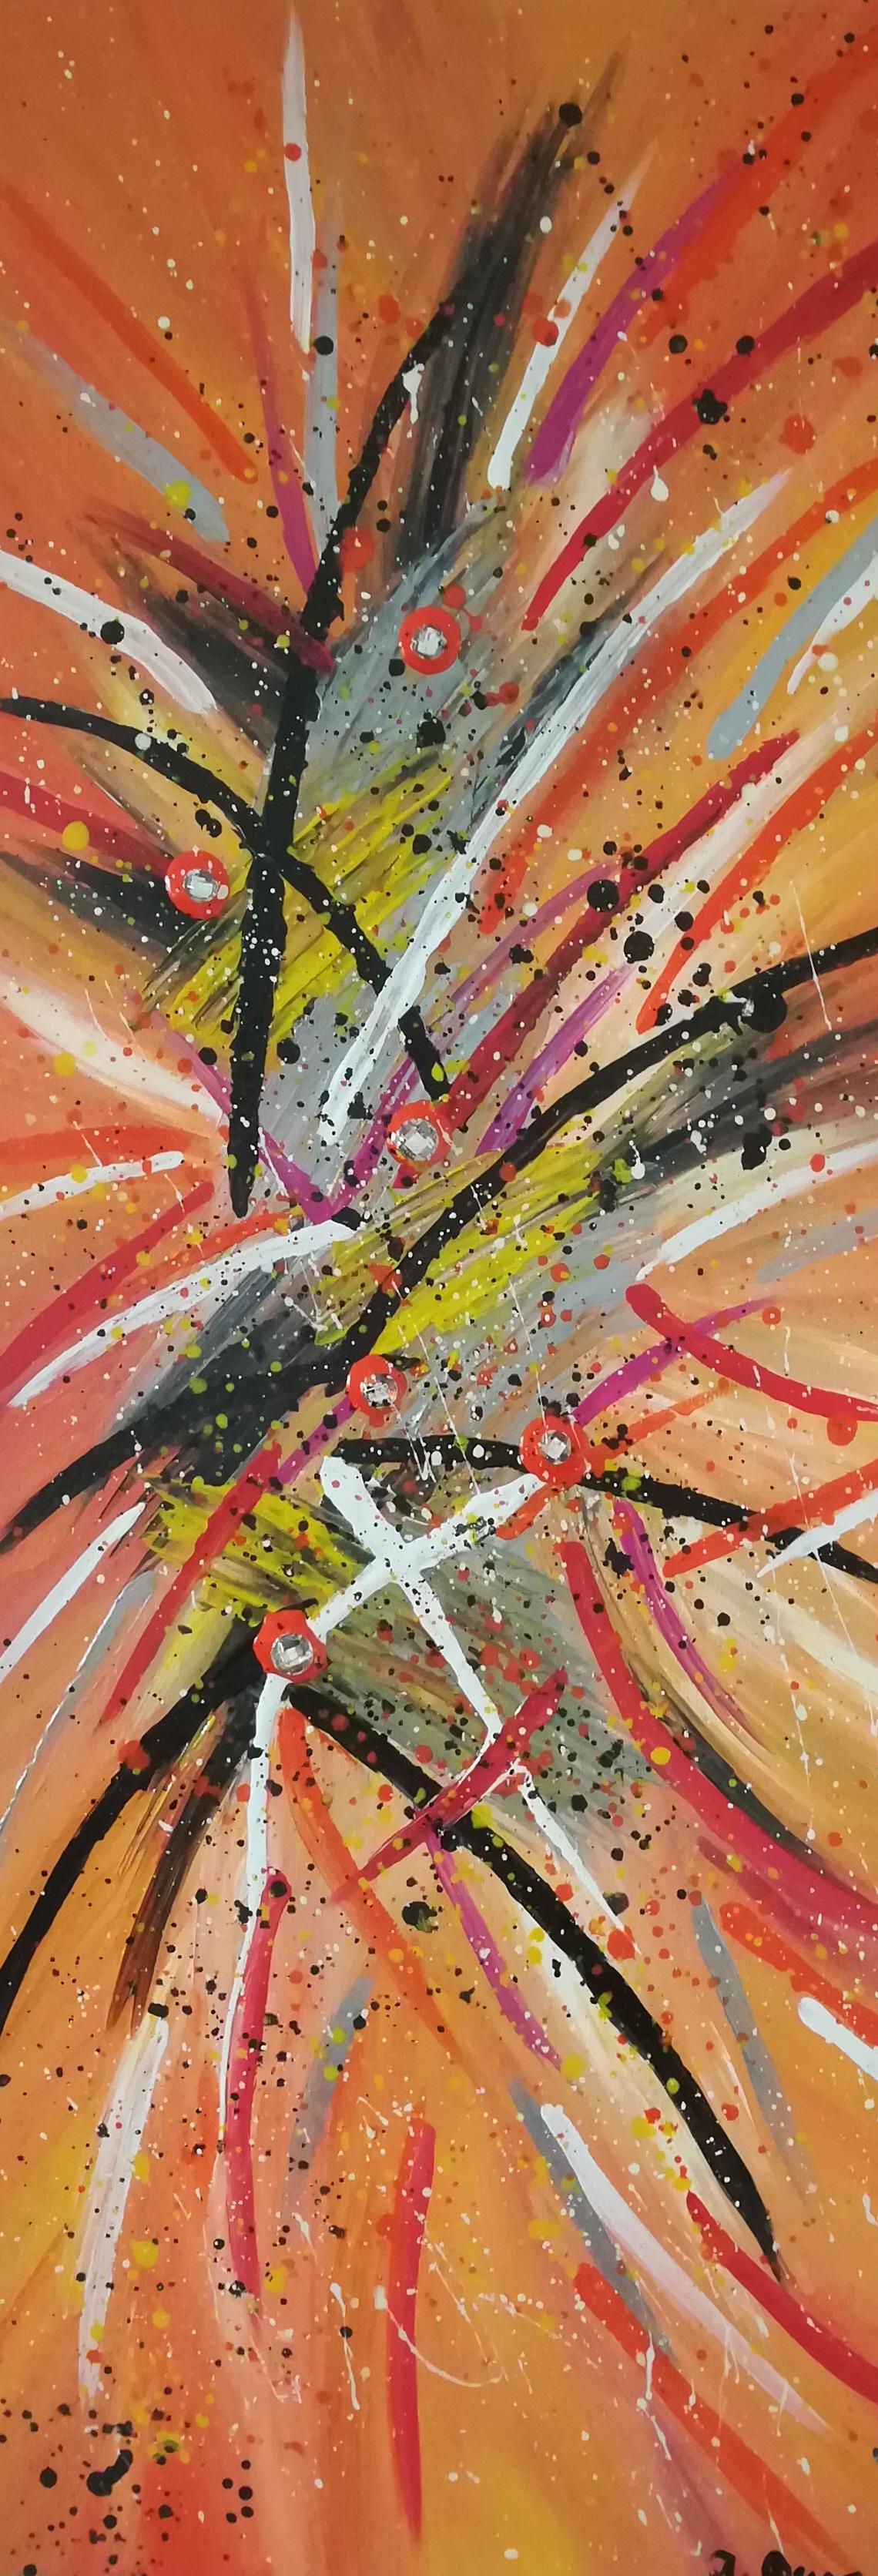 Abstract Orange mit Strasssteine und Glanzeffekt 25 cm x 58 cm  Preis 45 Euro